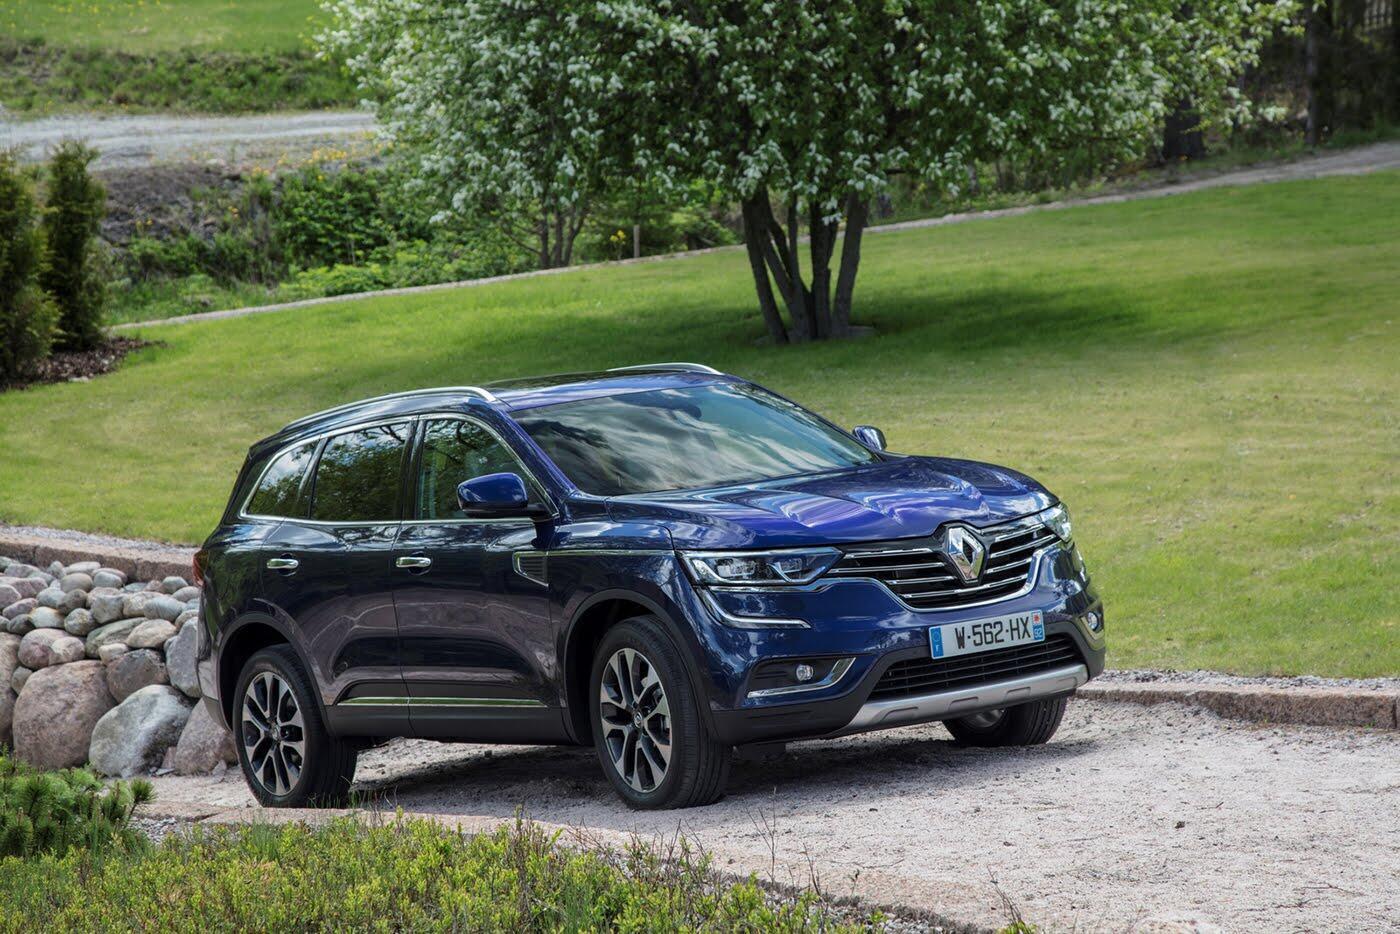 Xem thêm ảnh Renault Koleos 2017 - Hình 6